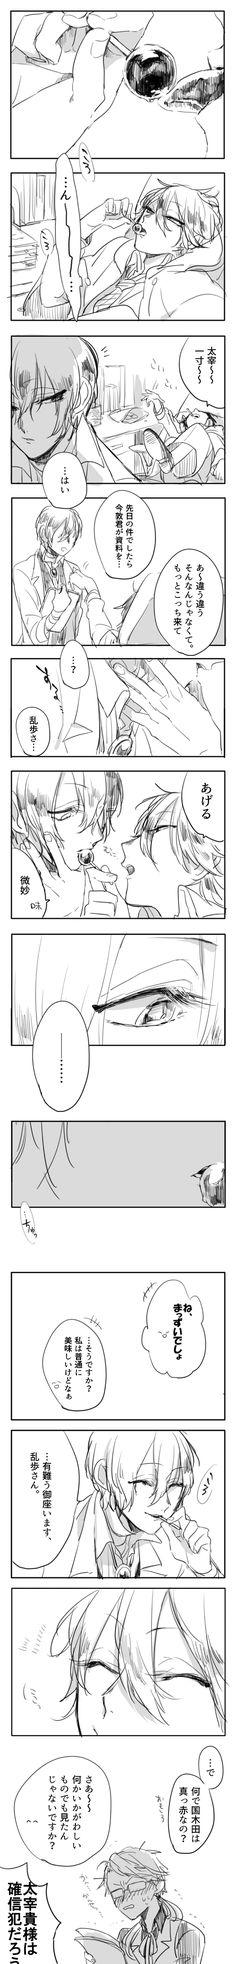 คุนิคิดะ:เอ่อ....แบบนี้ก็ได้เหรอ!?(////)